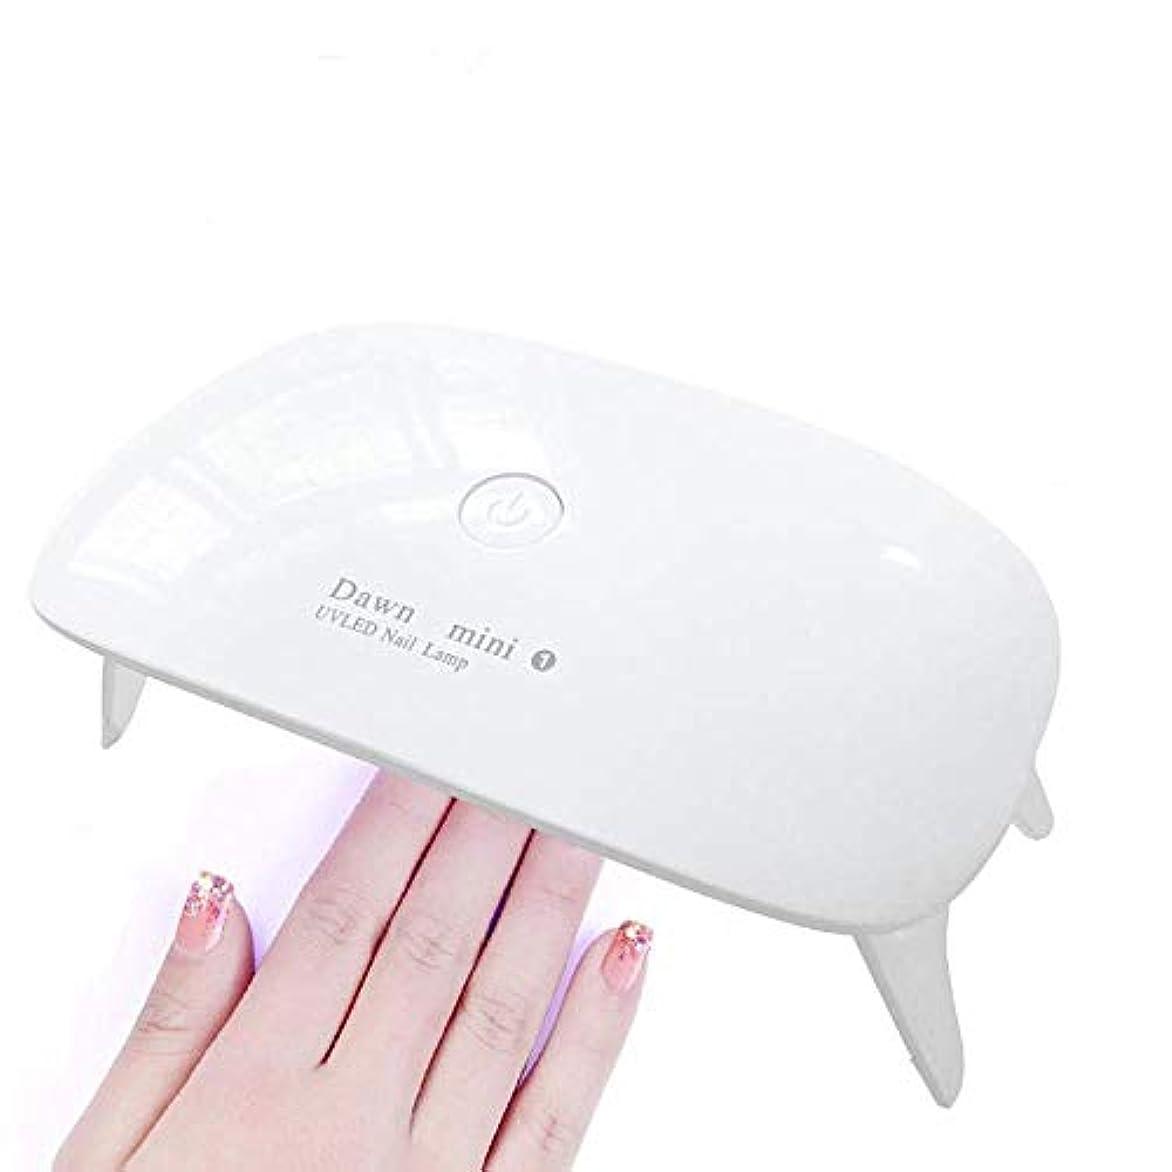 腐敗孤独なジョージバーナードLEDネイルドライヤー UVライト LED 硬化ライト タイマー設定可能 折りたたみ式手足とも使える UV と LEDダブルライト ジェルネイル と uvライト レジン用